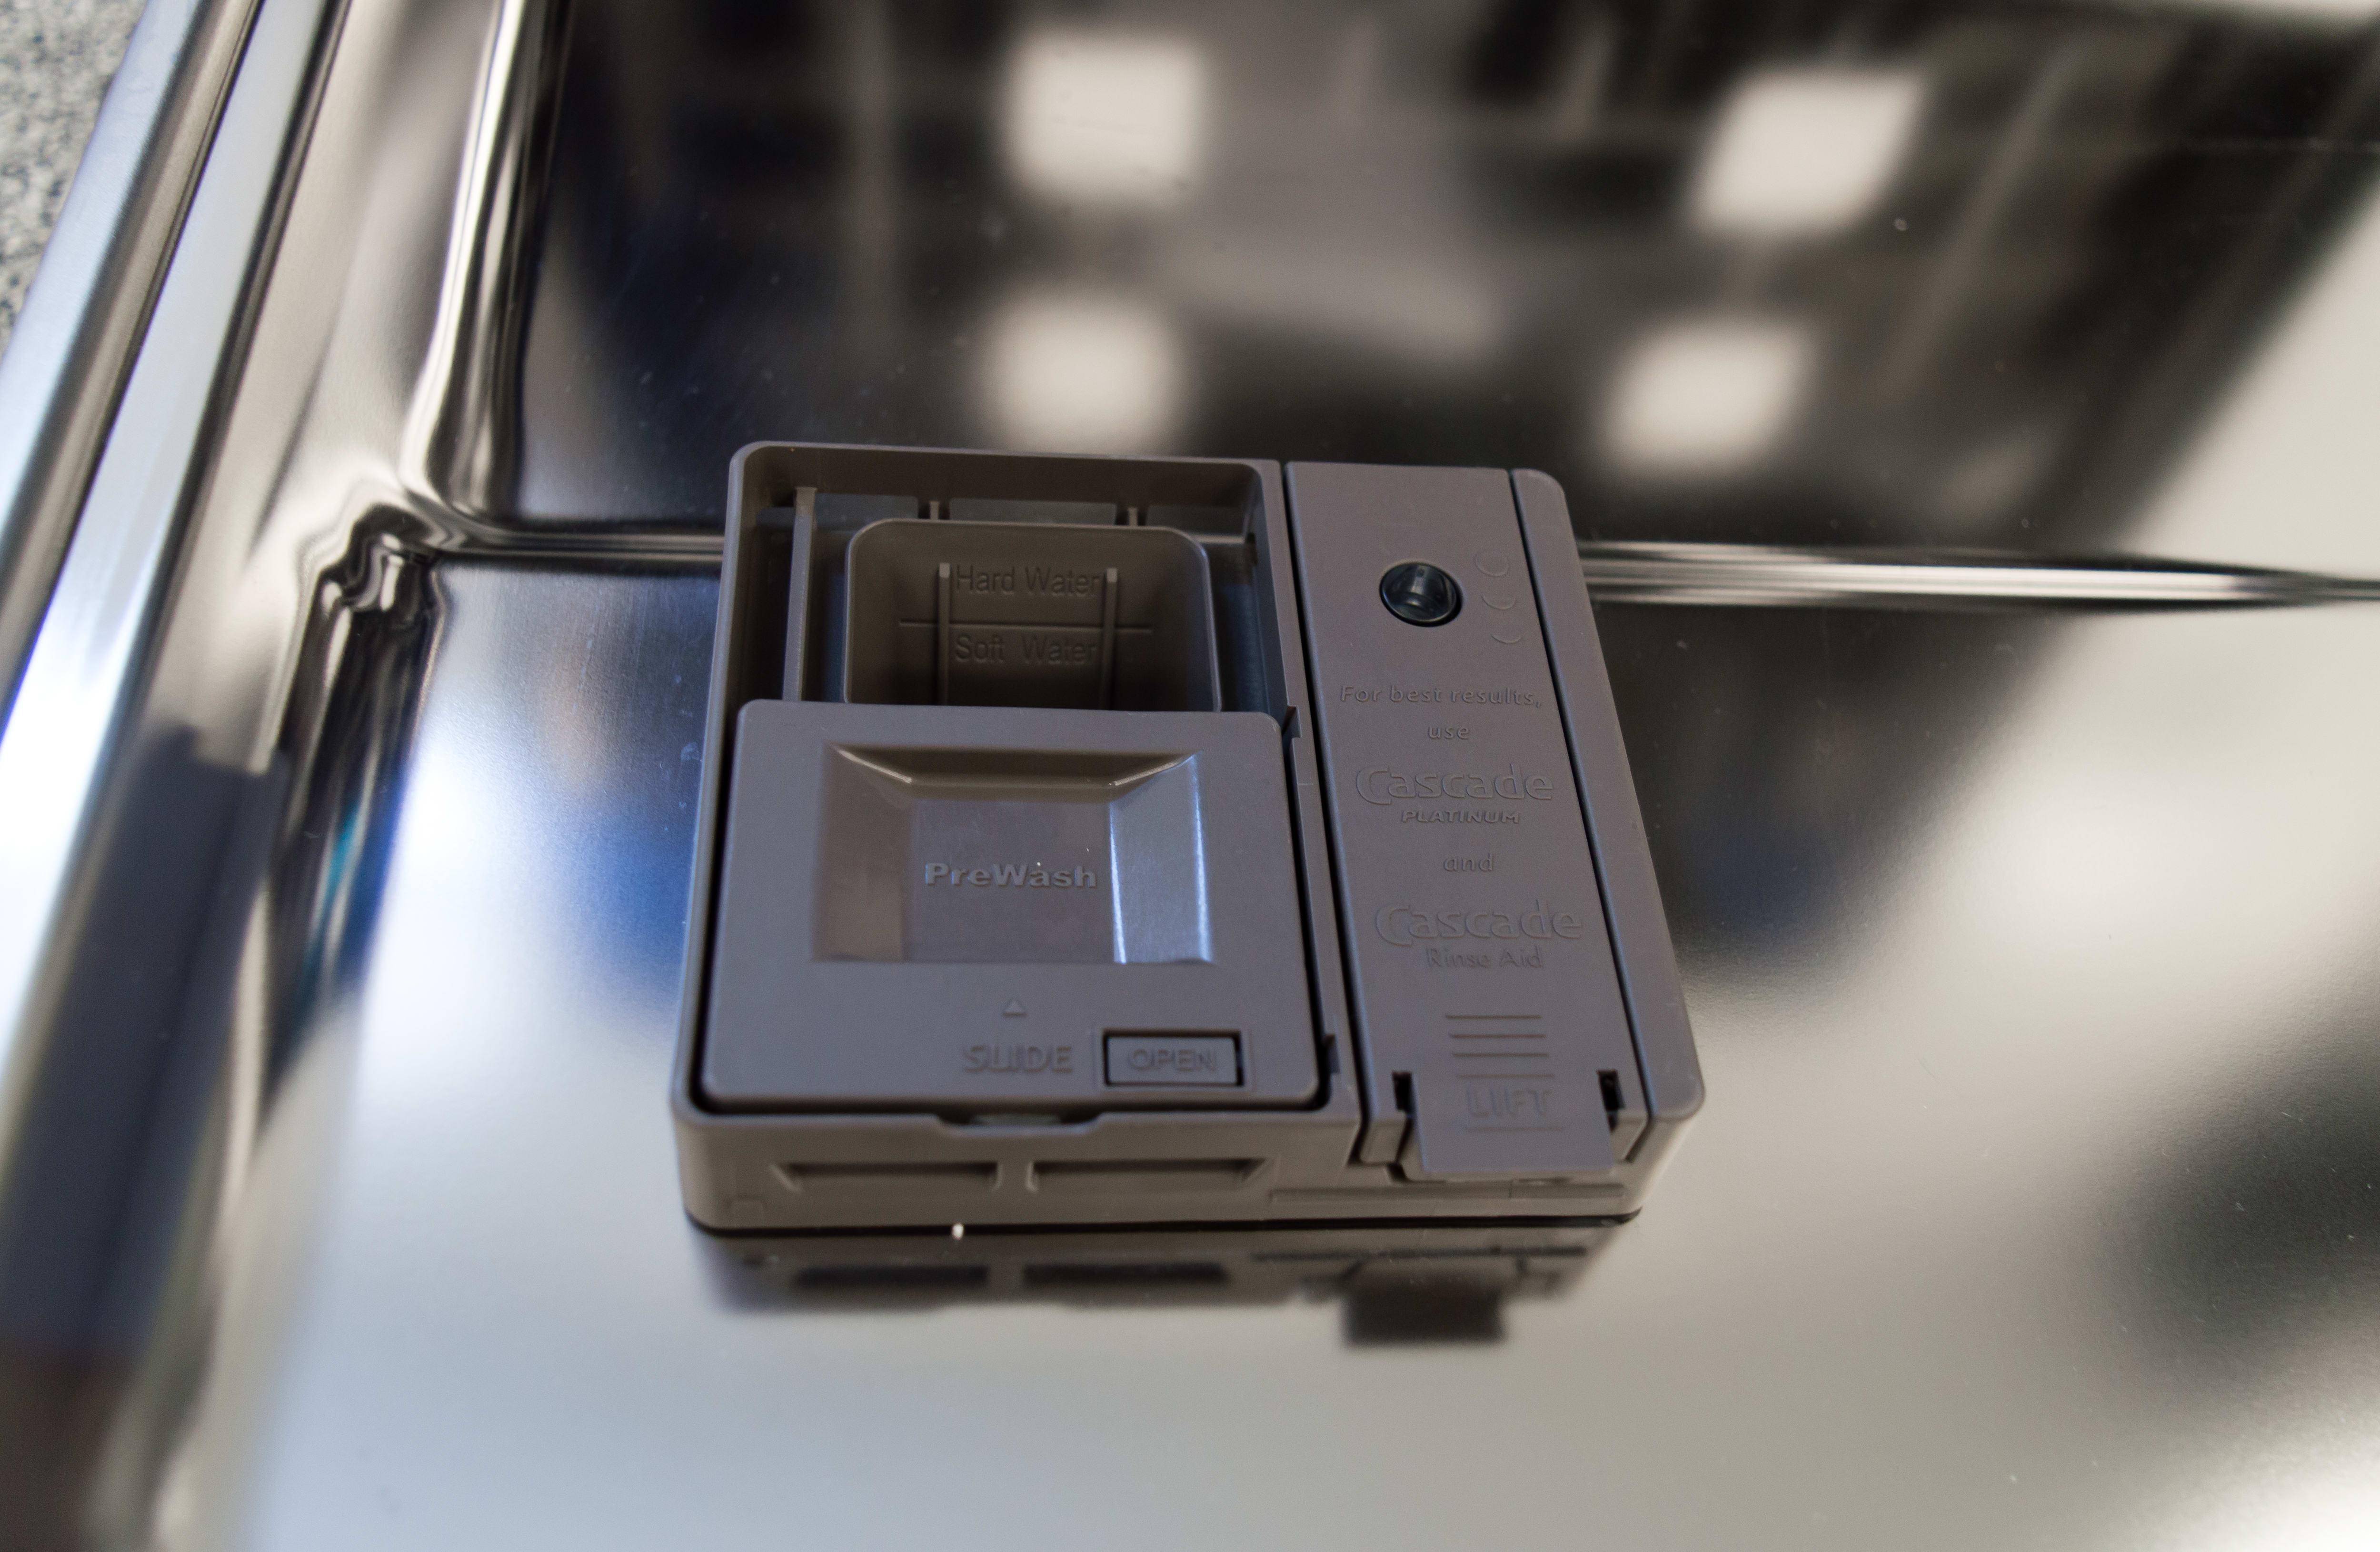 KitchenAid KDTM404ESS detergent dispenser open